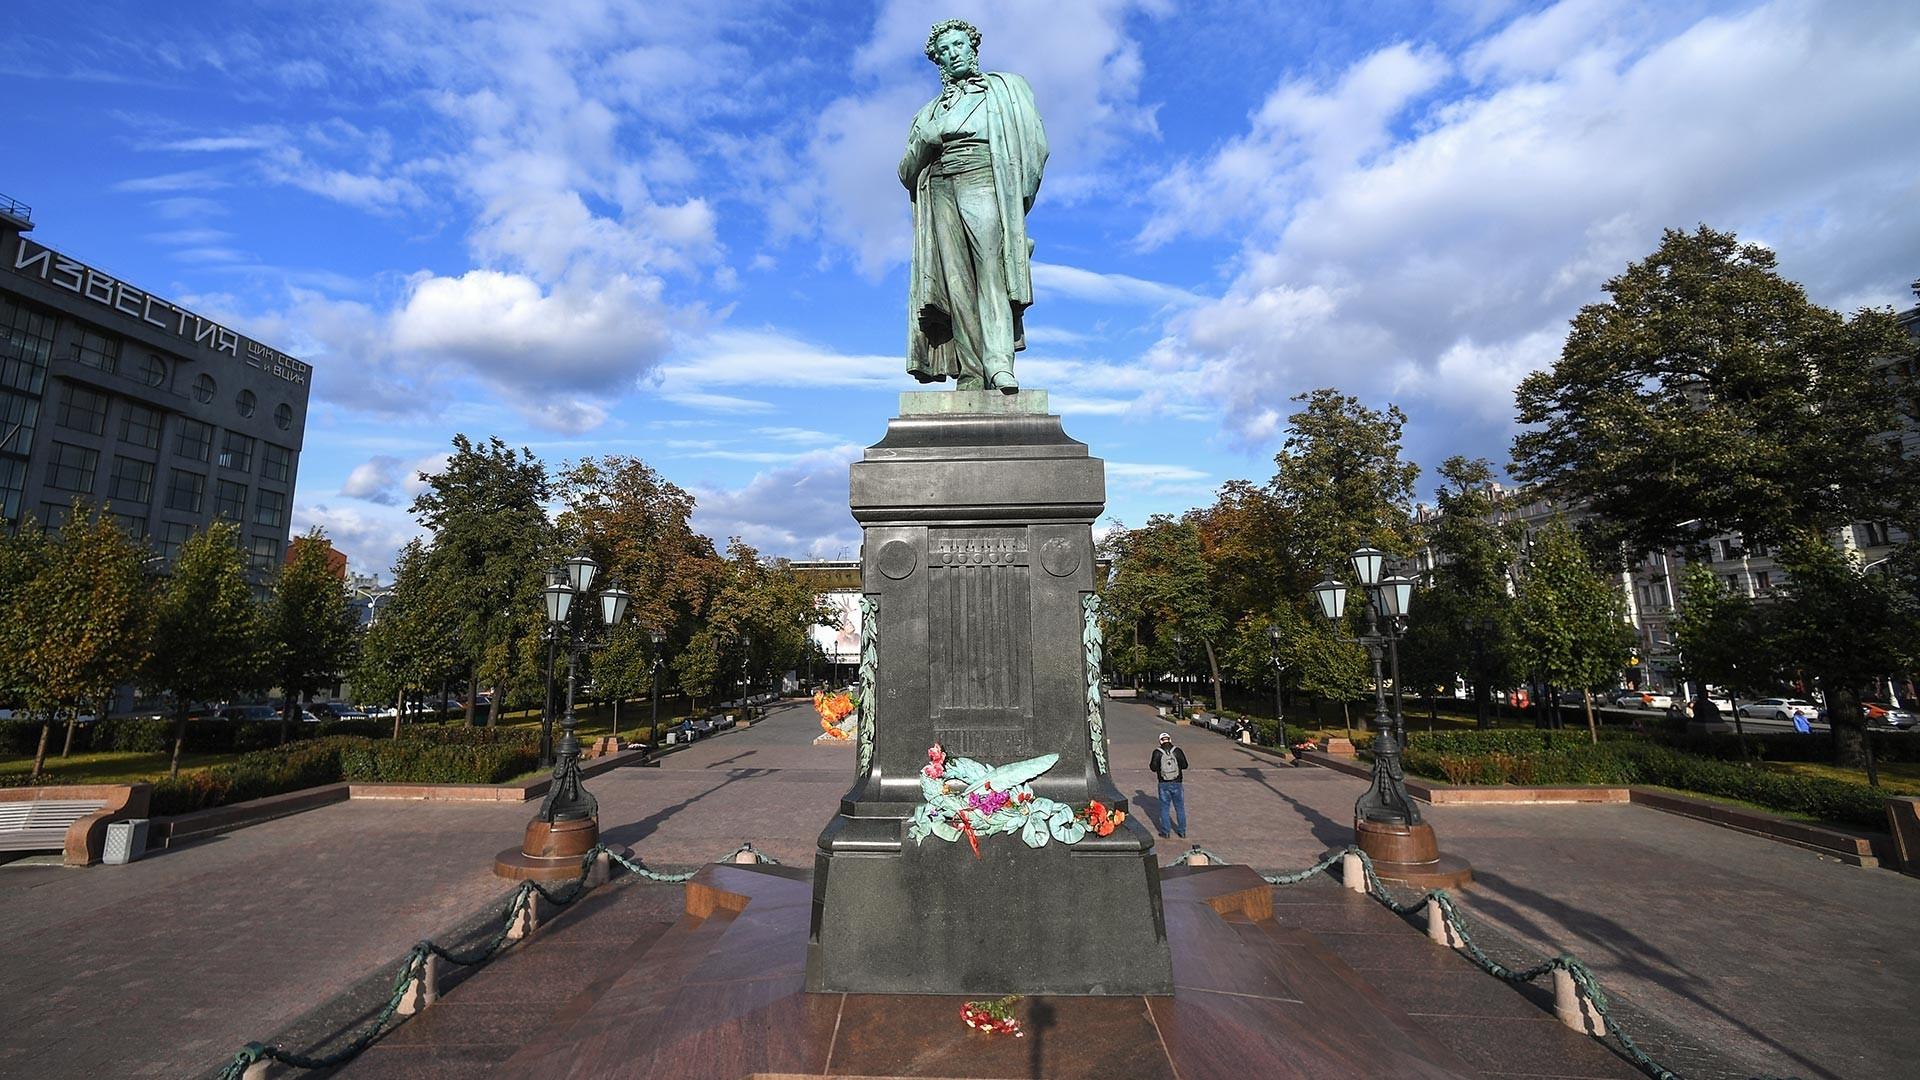 Monumento a Púchkin no centro de Moscou, atualmente